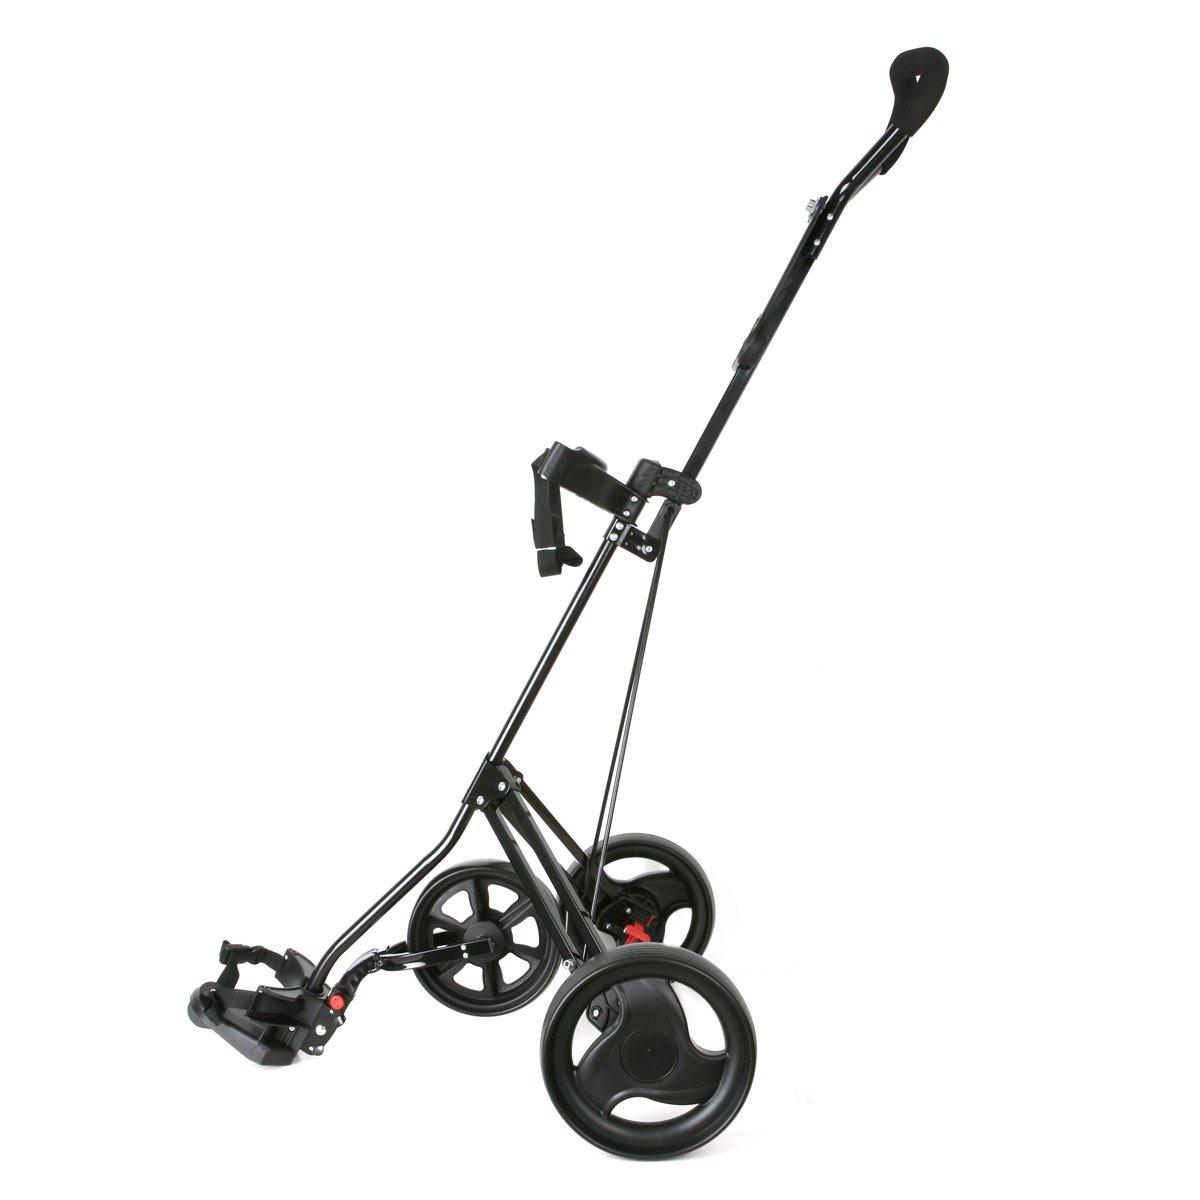 Orlimar Cart Trakker 3 Wheel Golf Cart by Orlimar (Image #2)